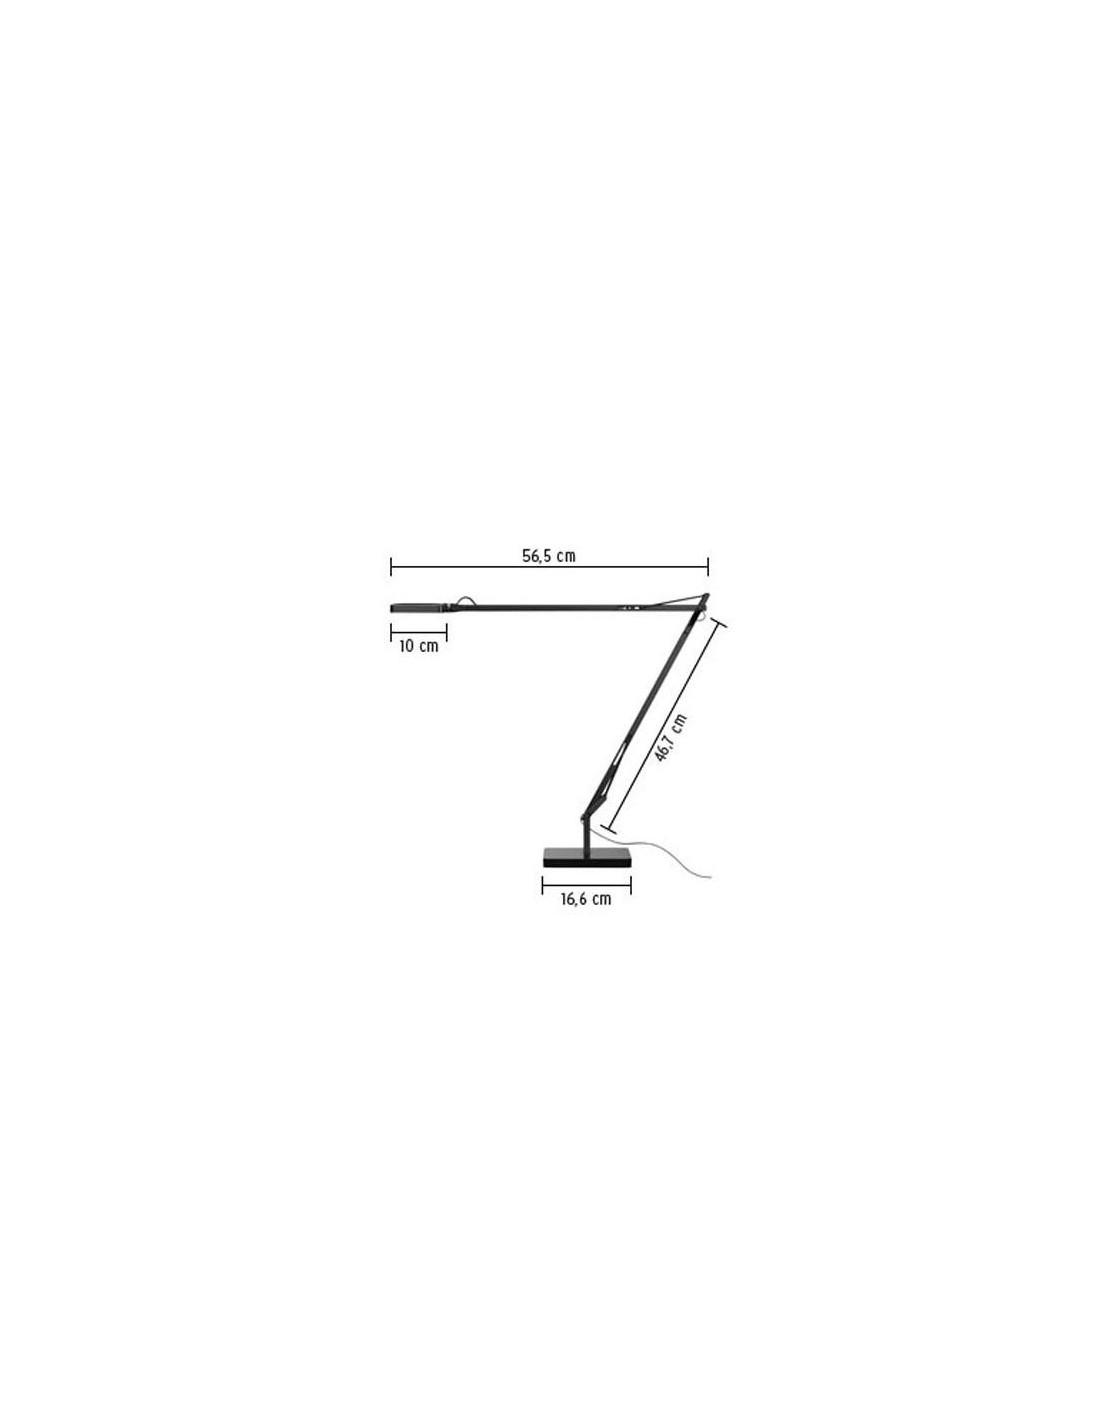 lampe de table kelvin led base plan de flos. Black Bedroom Furniture Sets. Home Design Ideas